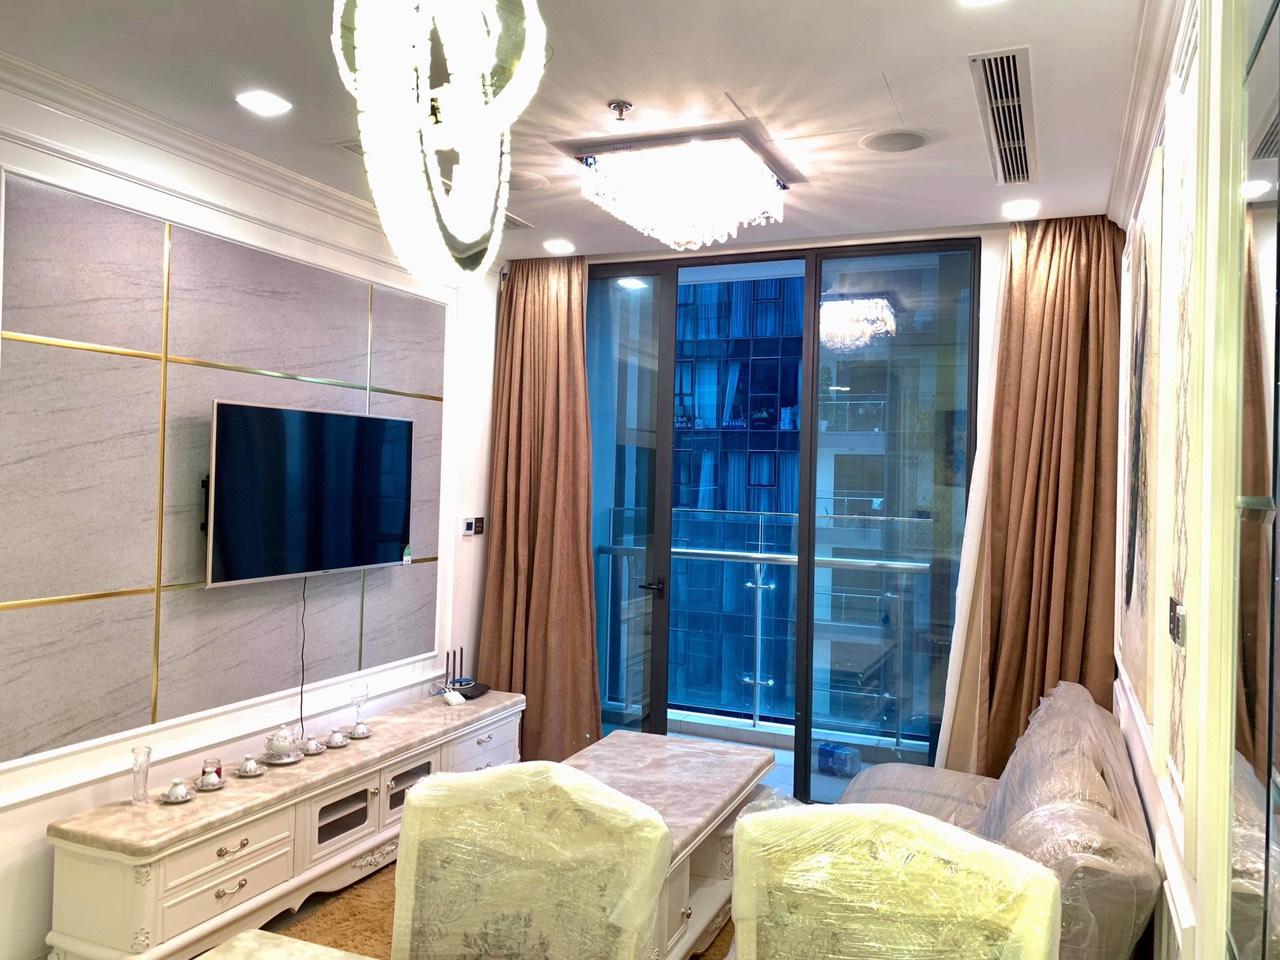 Cho thuê 1 phòng ngủ Vinhomes Golden river - ID 010098